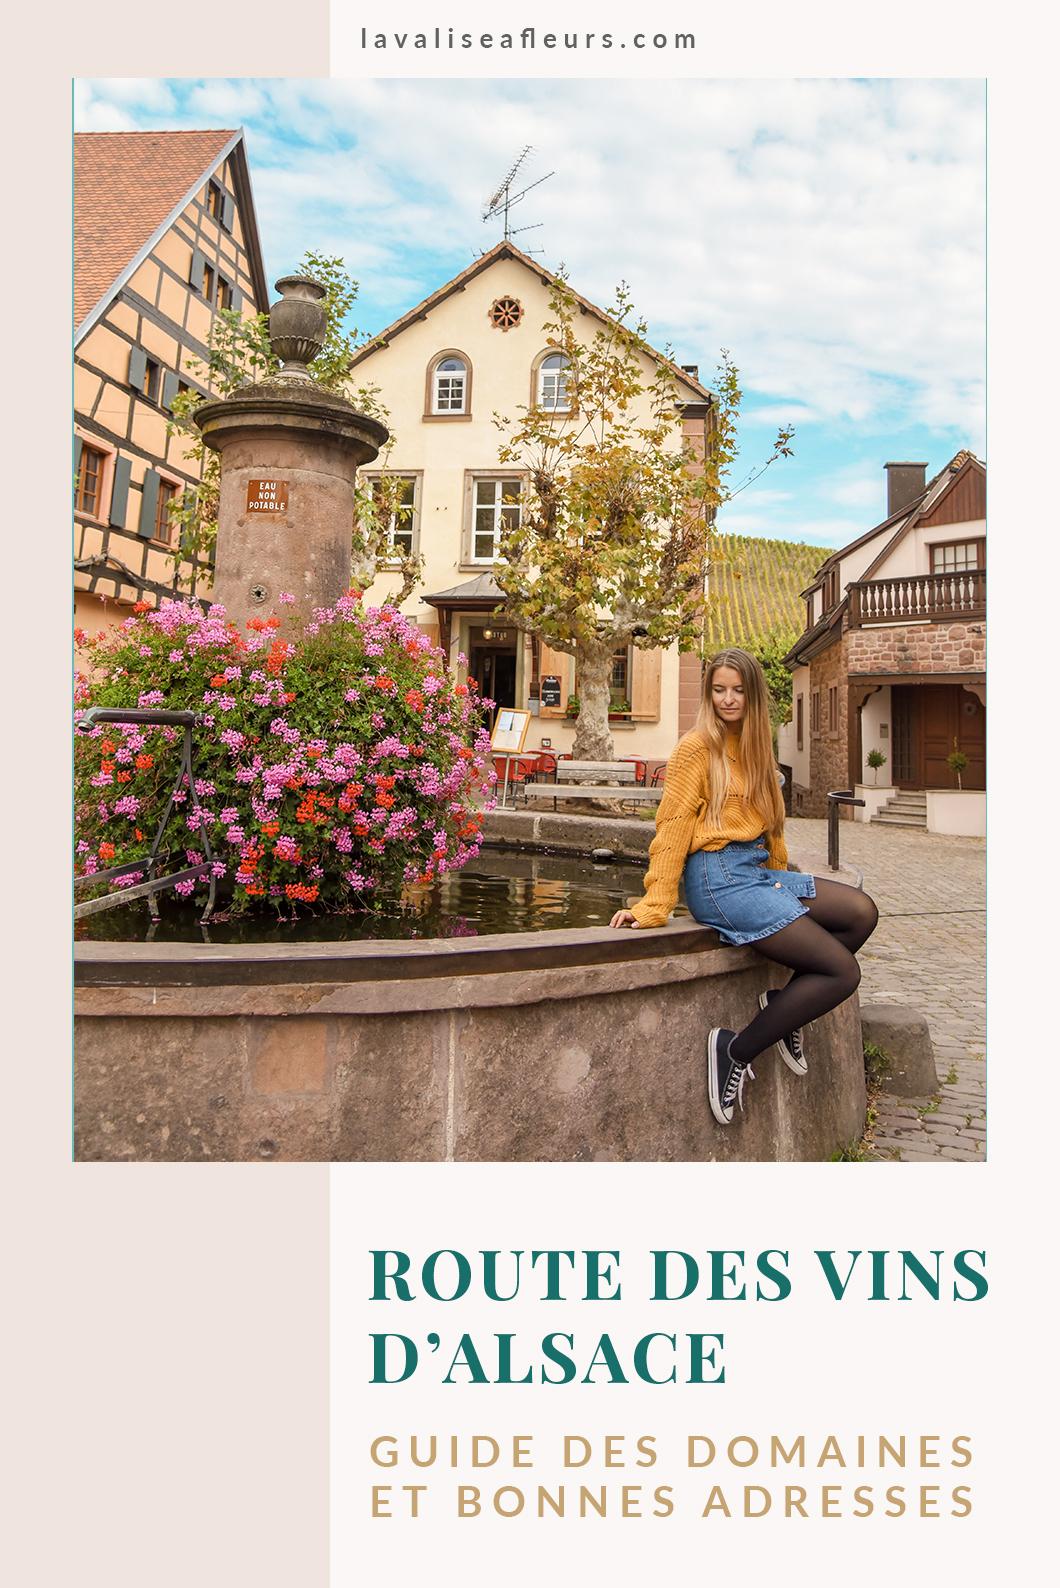 Bonnes adresses et domaines de la route des vins d'Alsace